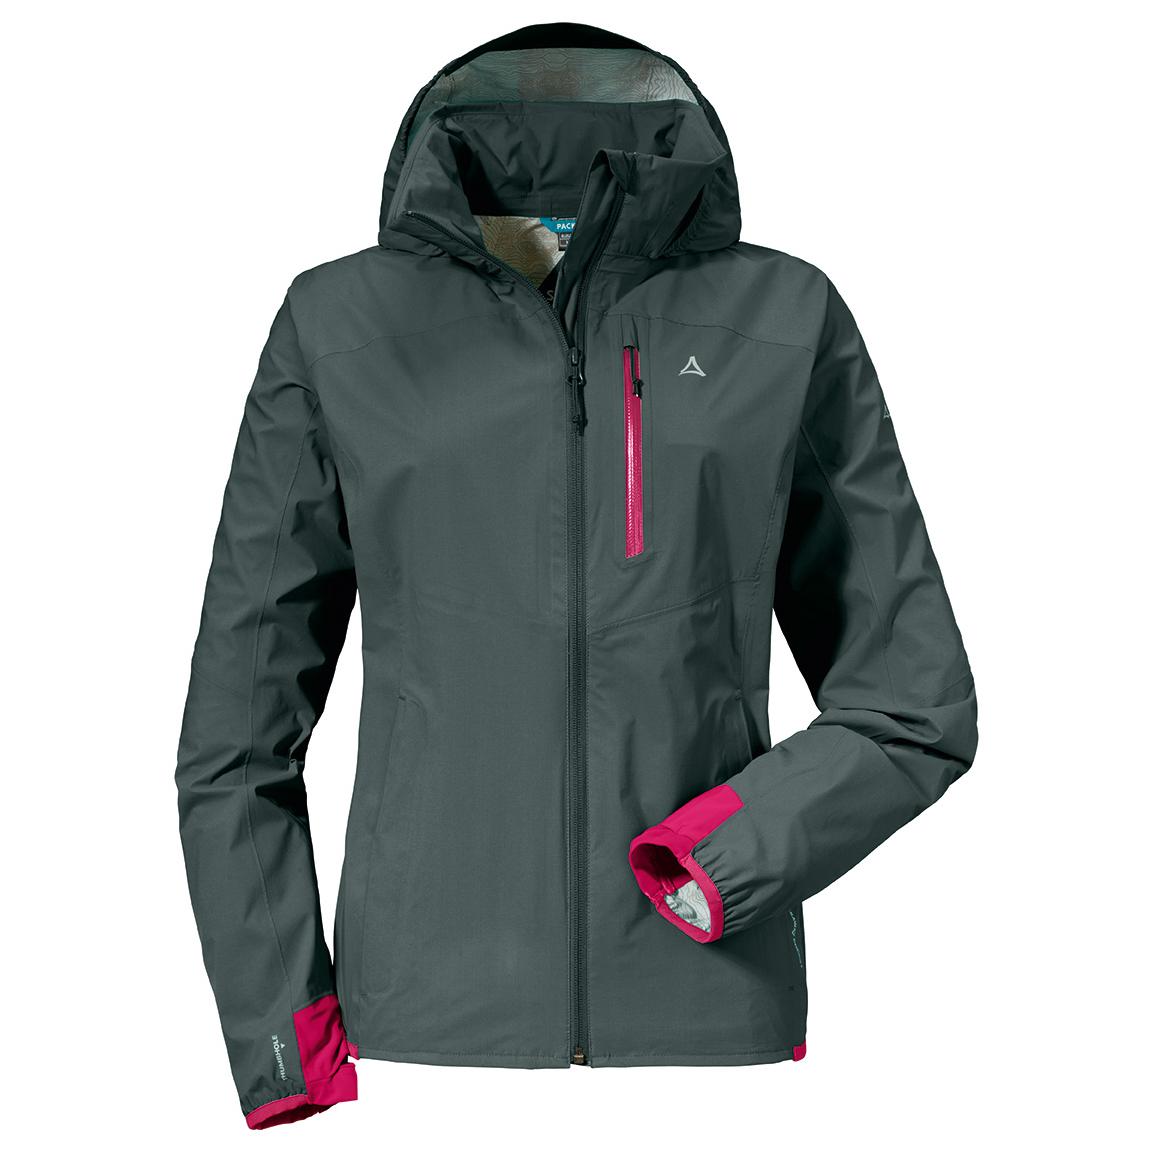 Schöffel Women's Neufundland2 Veste Imperméable Jacket Blues44eu Dress jcA5q4RL3